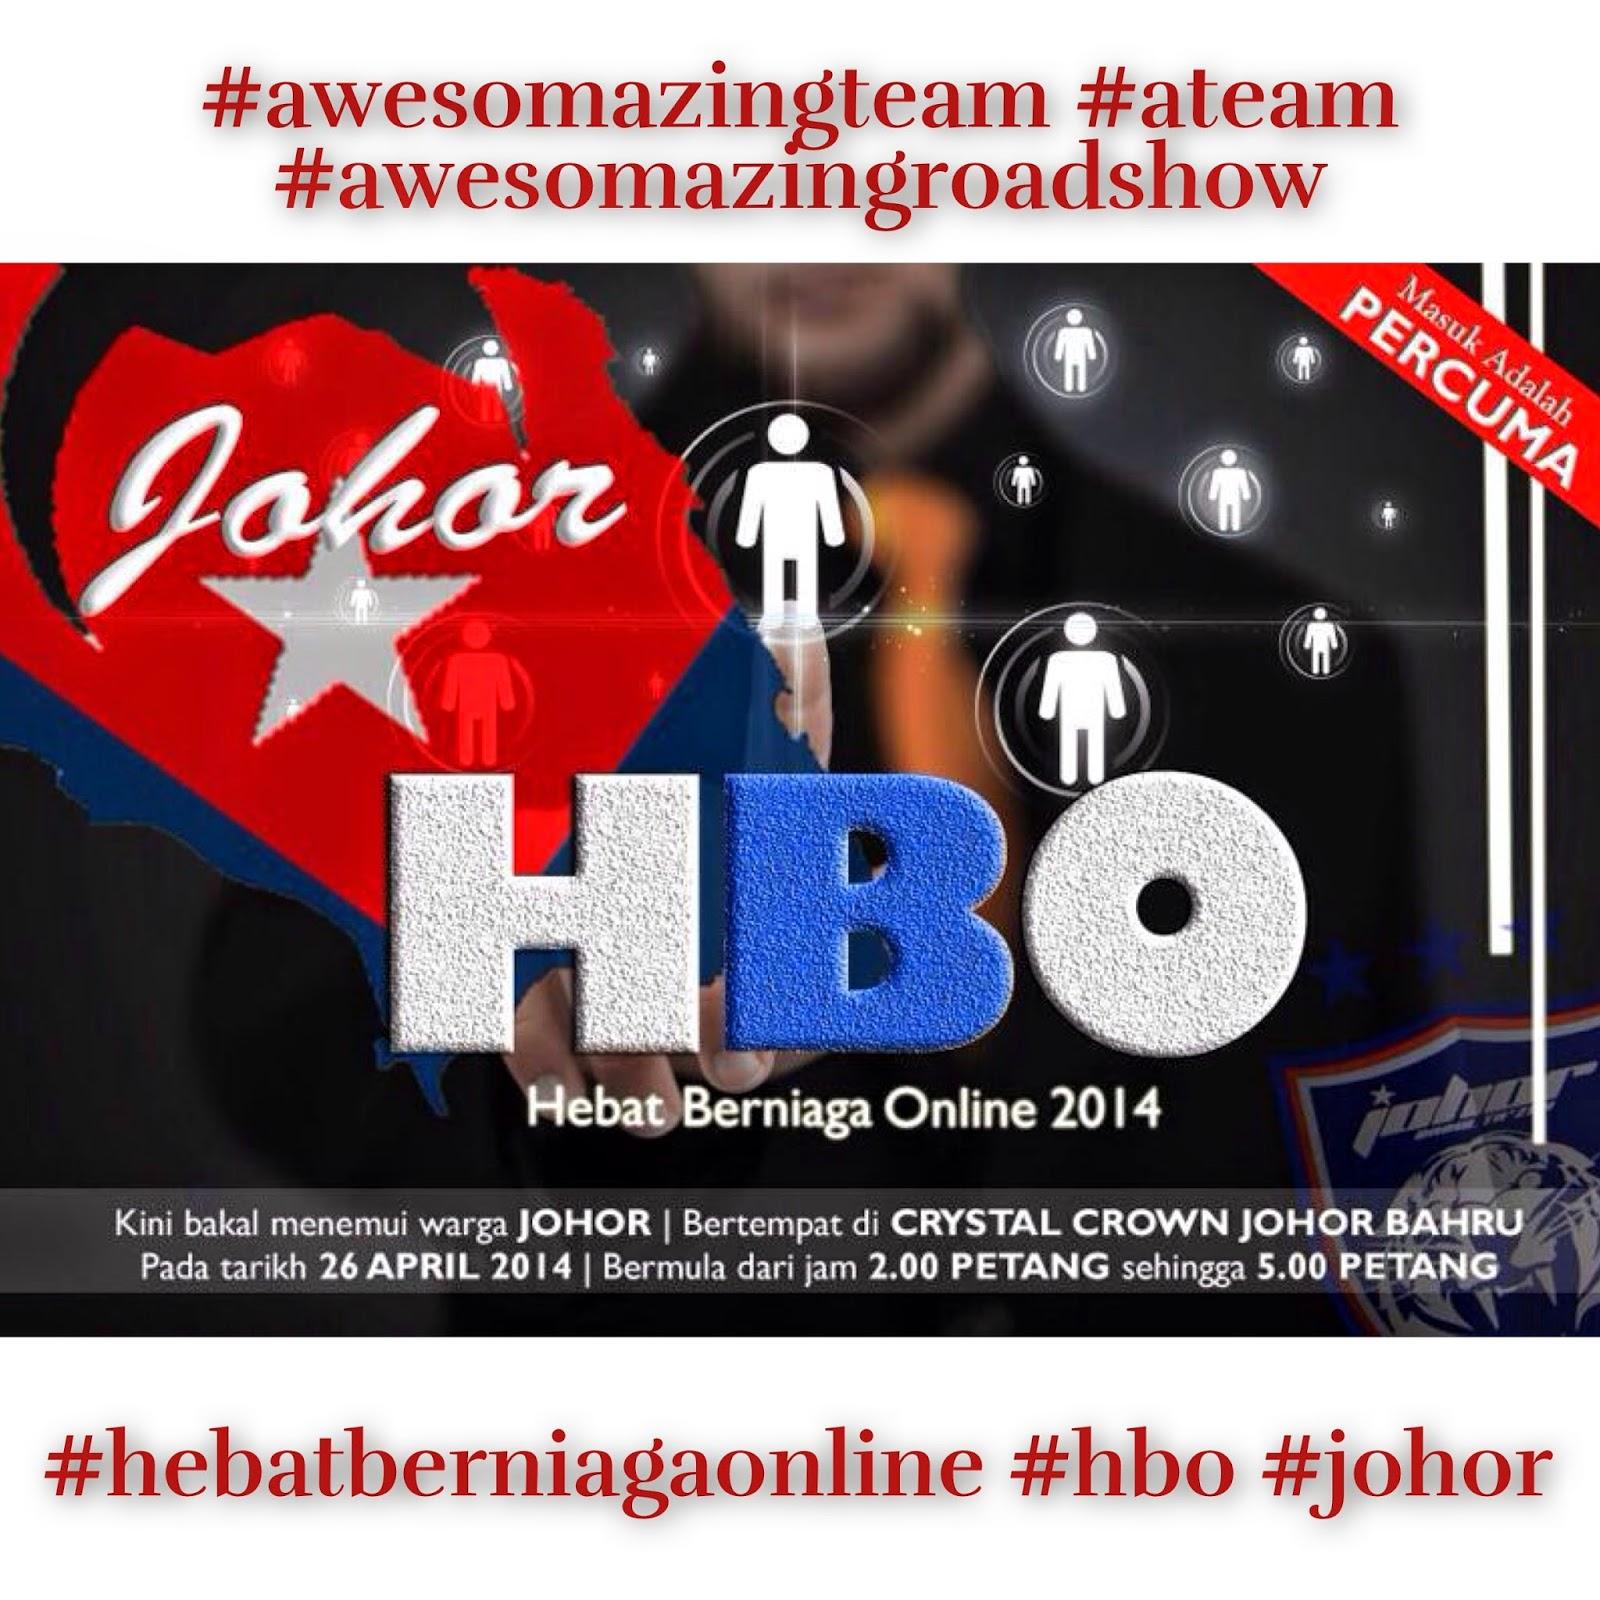 Hebat Berniaga Online di Johor Bahru pada 26 April 2014